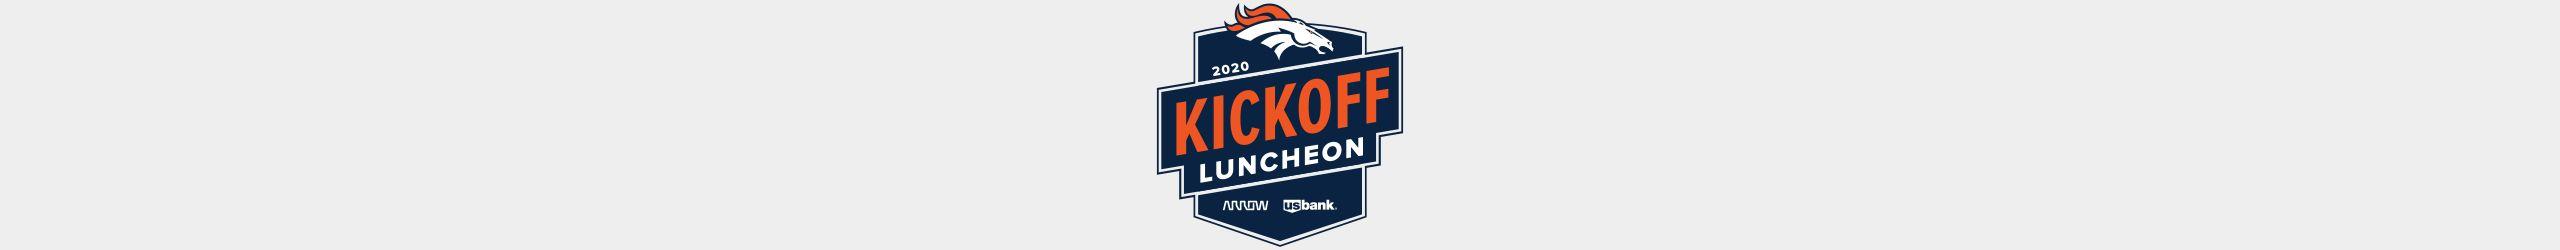 kickoff_luncheon_banner_2560x250